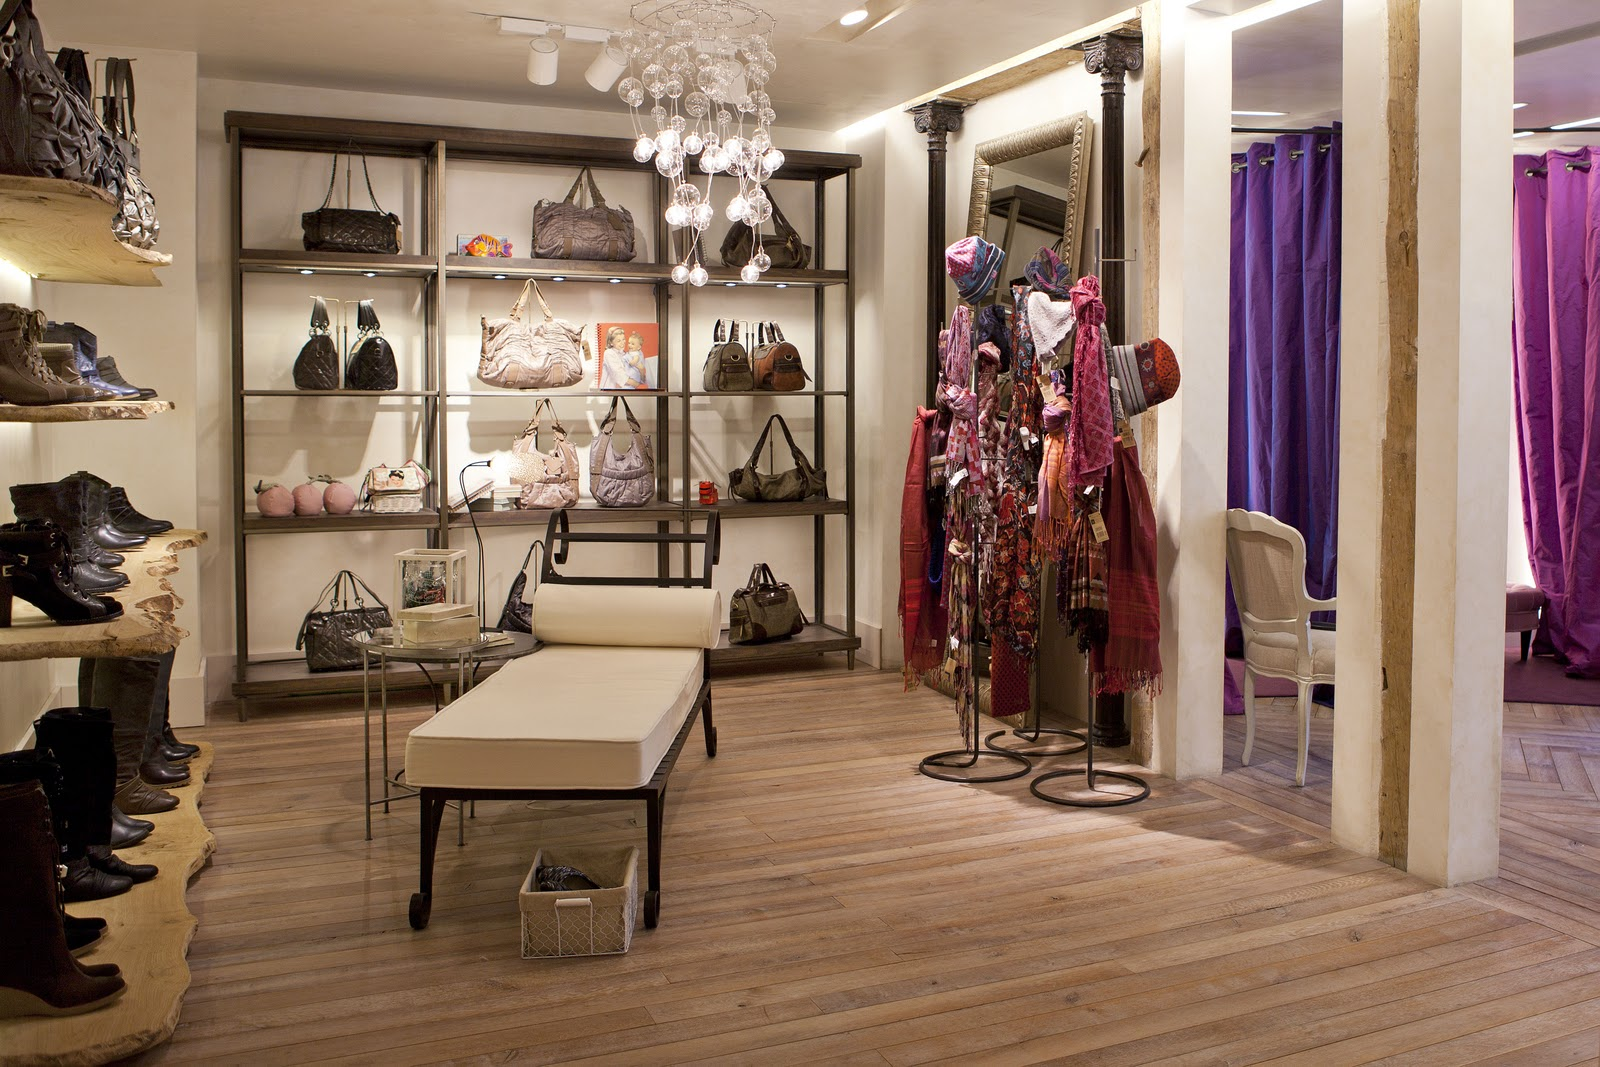 Romantic and chic inauguraci n tienda adolfo dominguez for Tiendas adolfo dominguez valencia